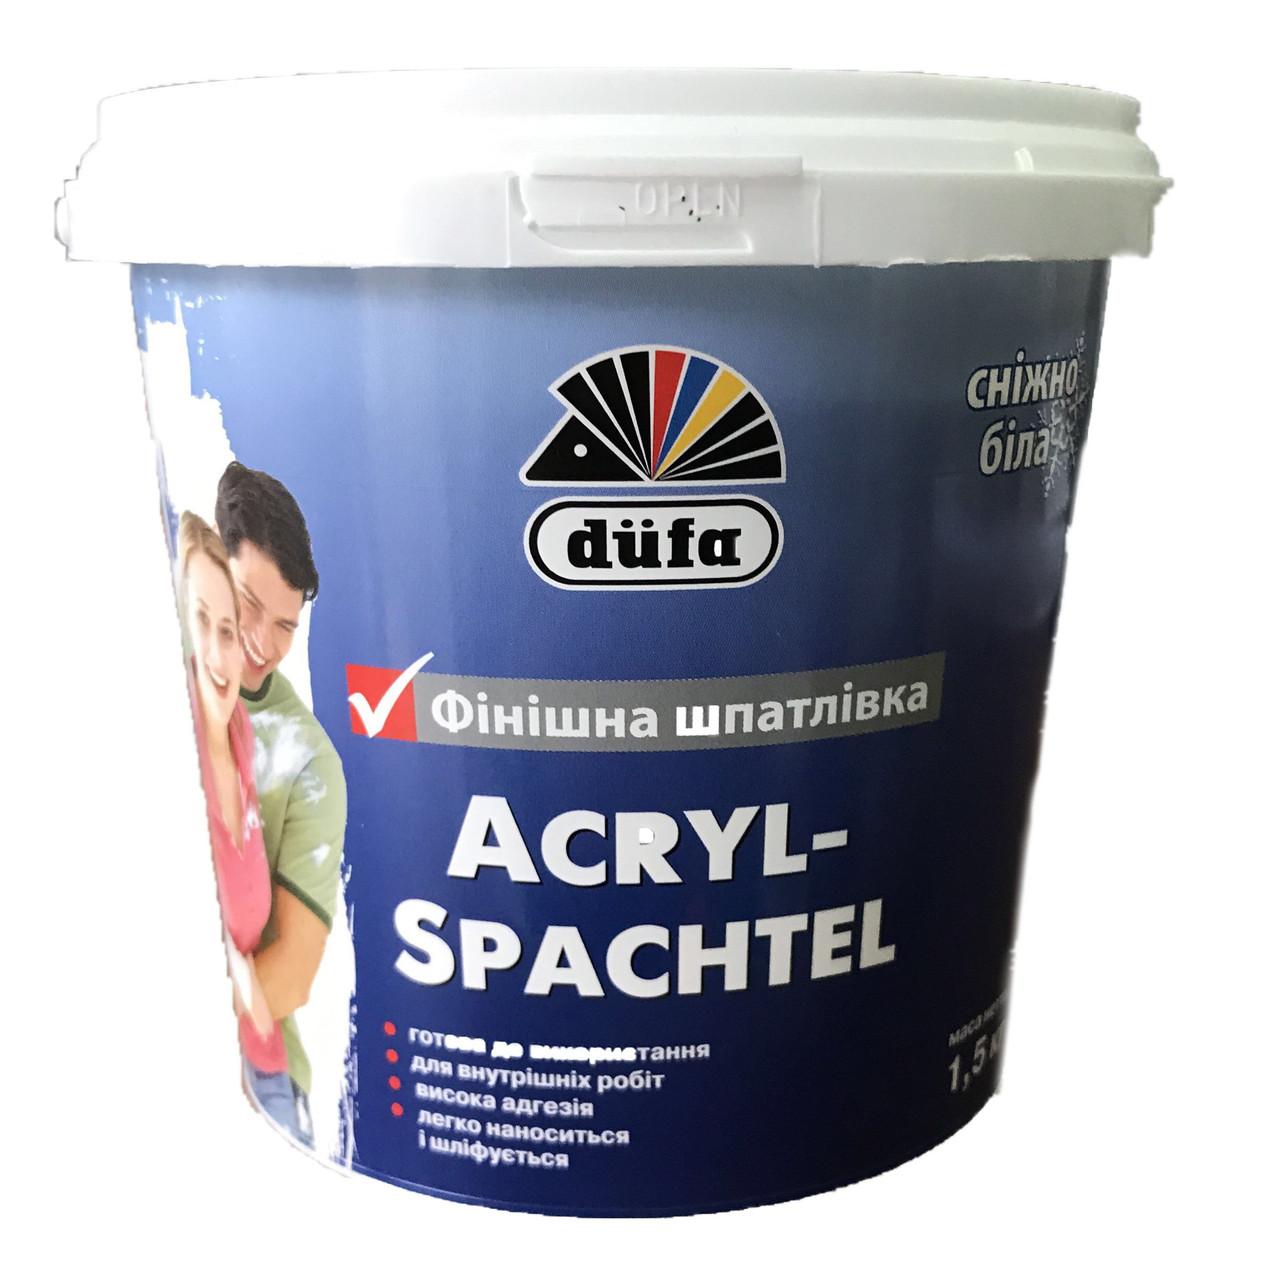 Шпаклівка фінішна Dufa Acryl-Spachtel 1,5кг